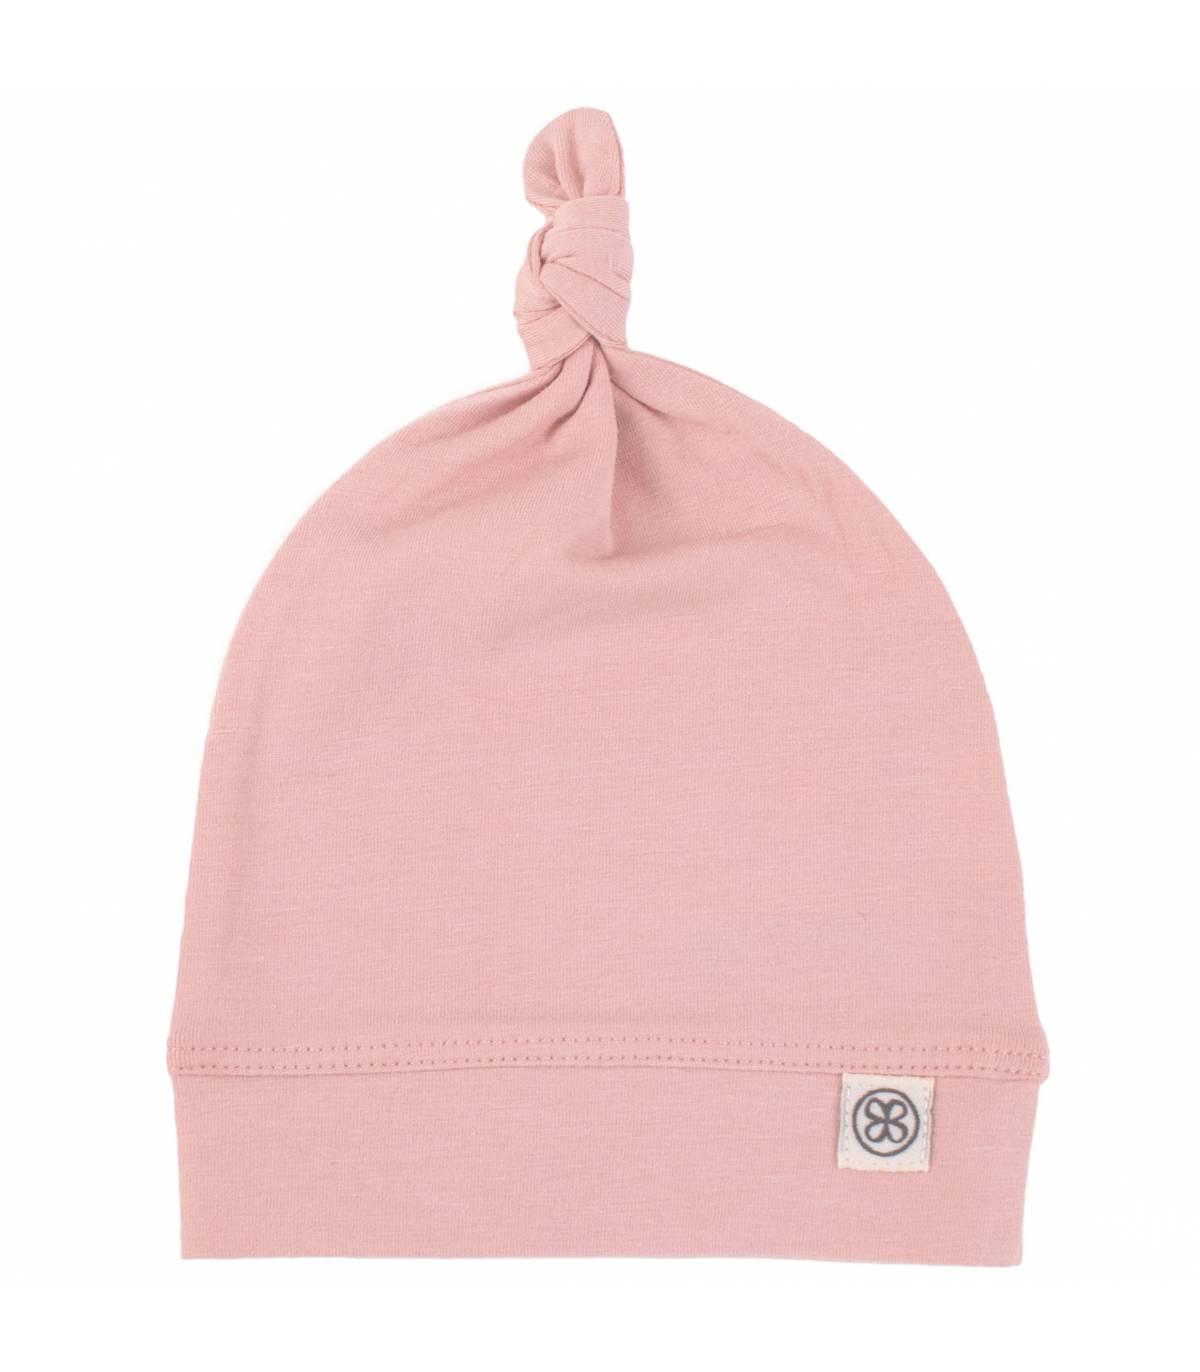 Cloby UV Mütze Misty Rose